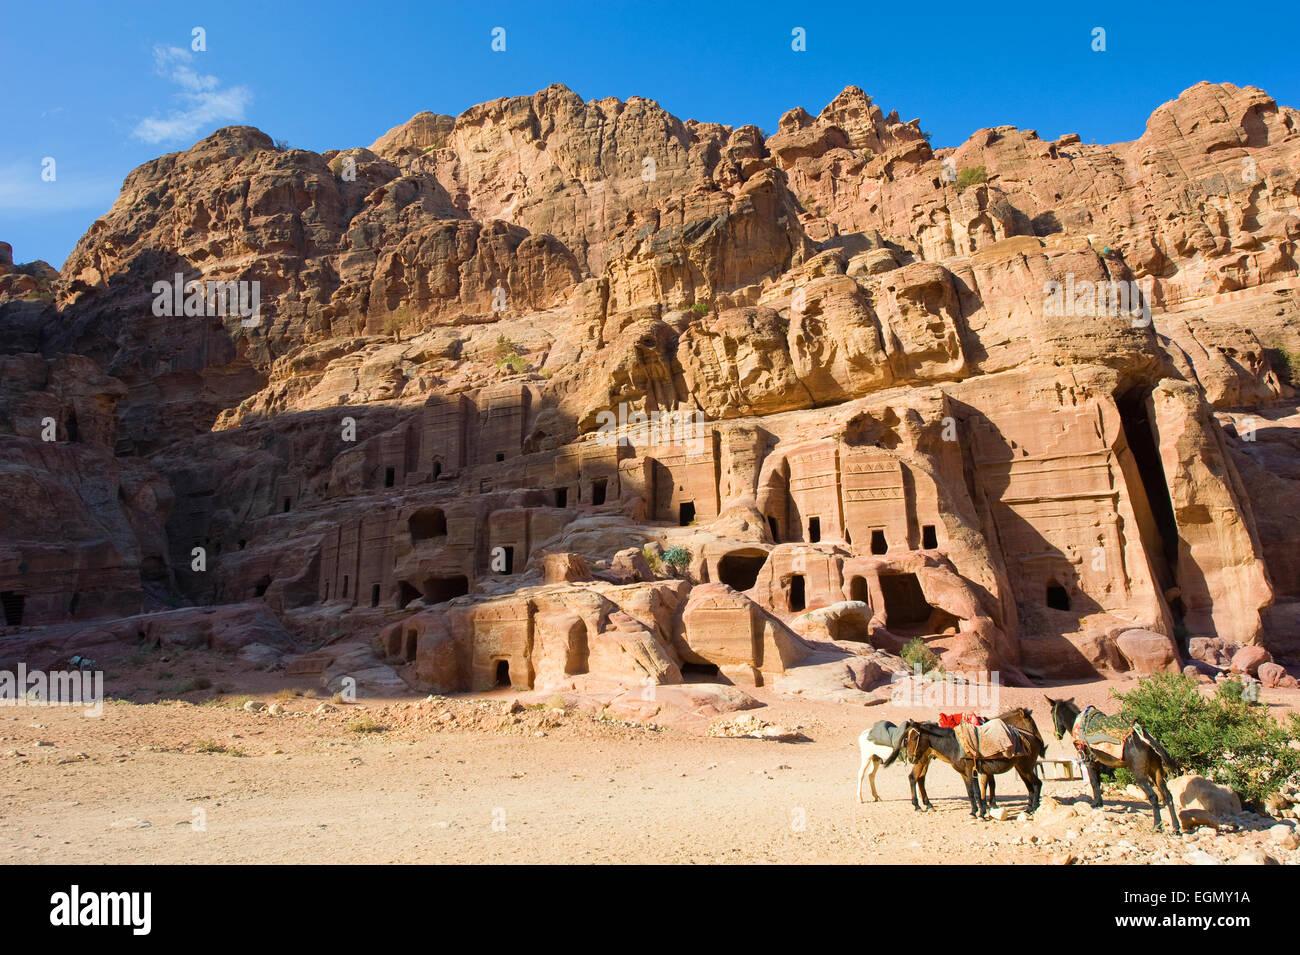 PETRA, JORDAN - 12OCTOBER, 2014: Caves in the rocks in Petra in Jordan - Stock Image